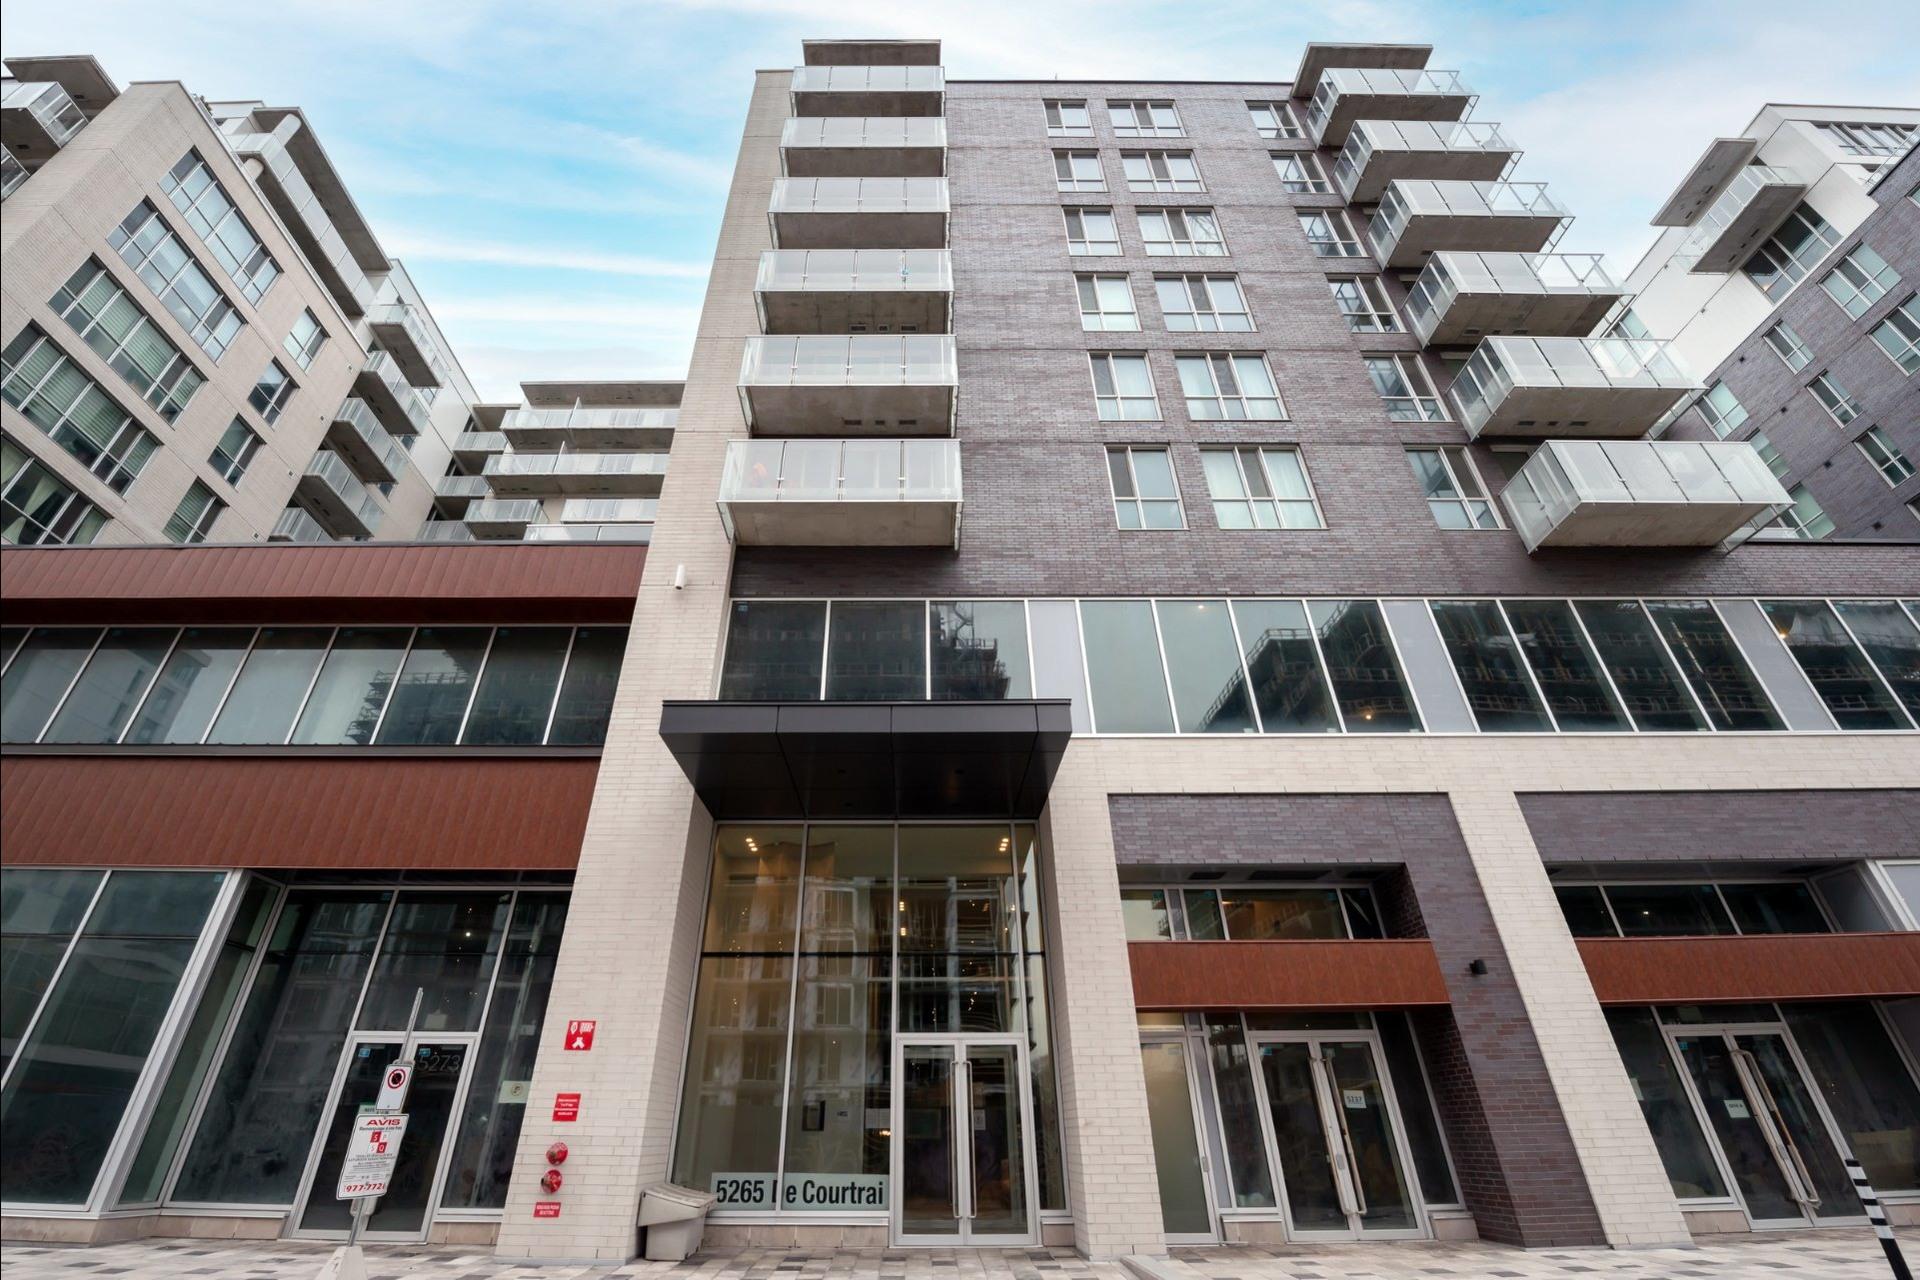 image 0 - 公寓 出售 Côte-des-Neiges/Notre-Dame-de-Grâce Montréal  - 4 室